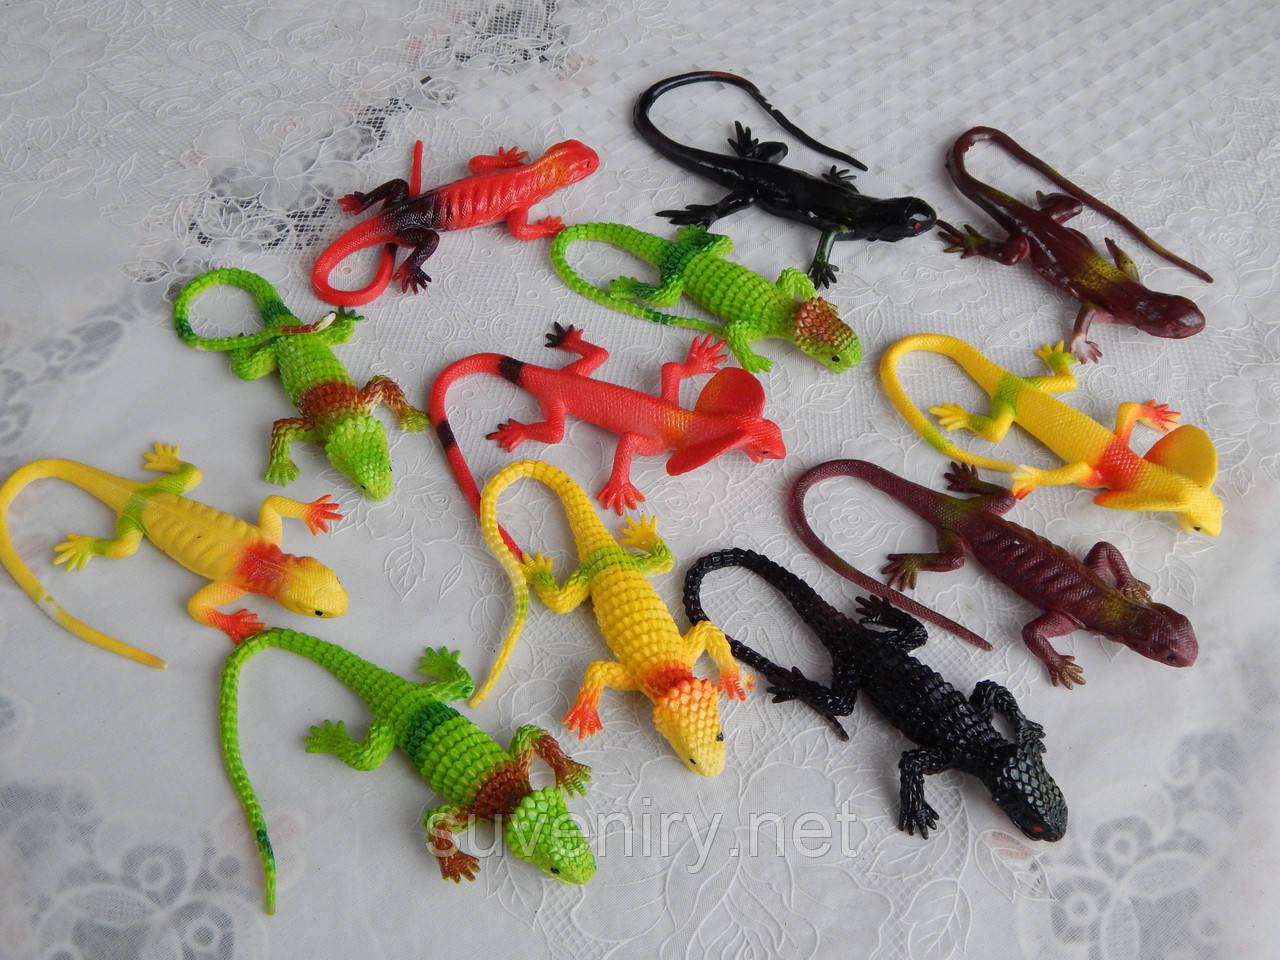 Детская игрушка ящерка силиконовая разные цвета